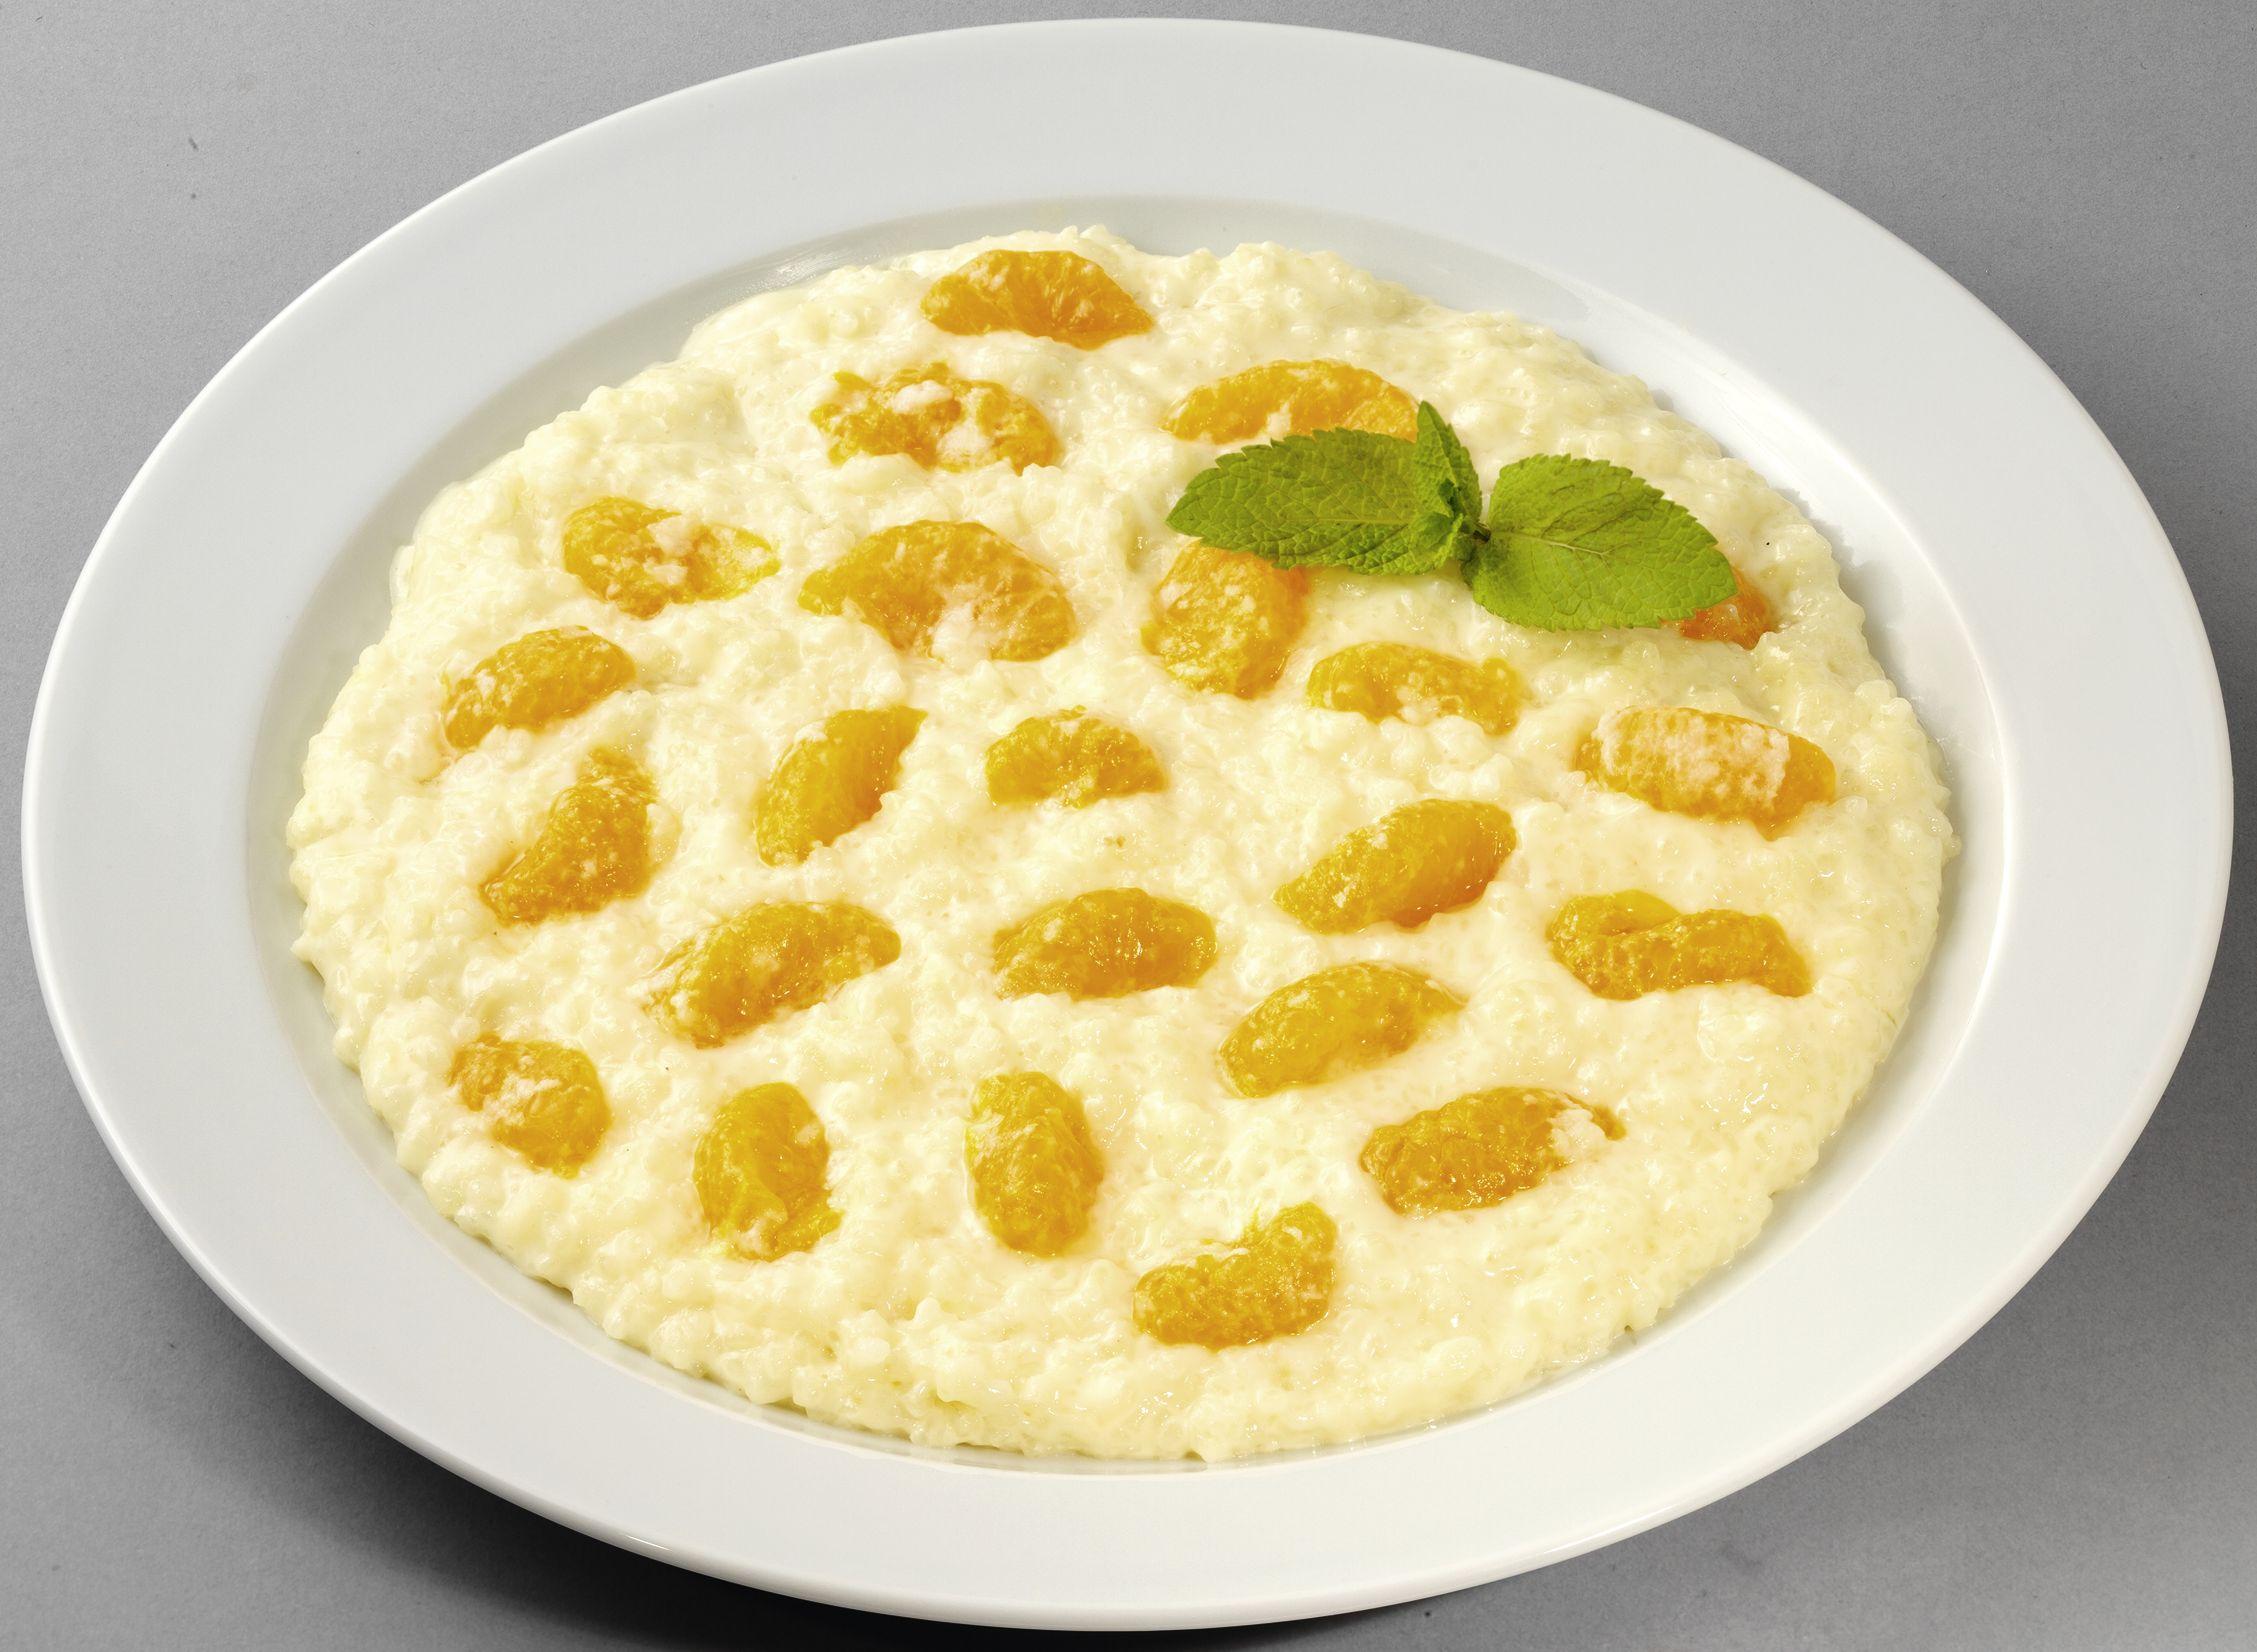 Cremiger Milchreis mit fruchtigen Mandarinenstücken (mit Süßungsmitteln und einer Zuckerart)